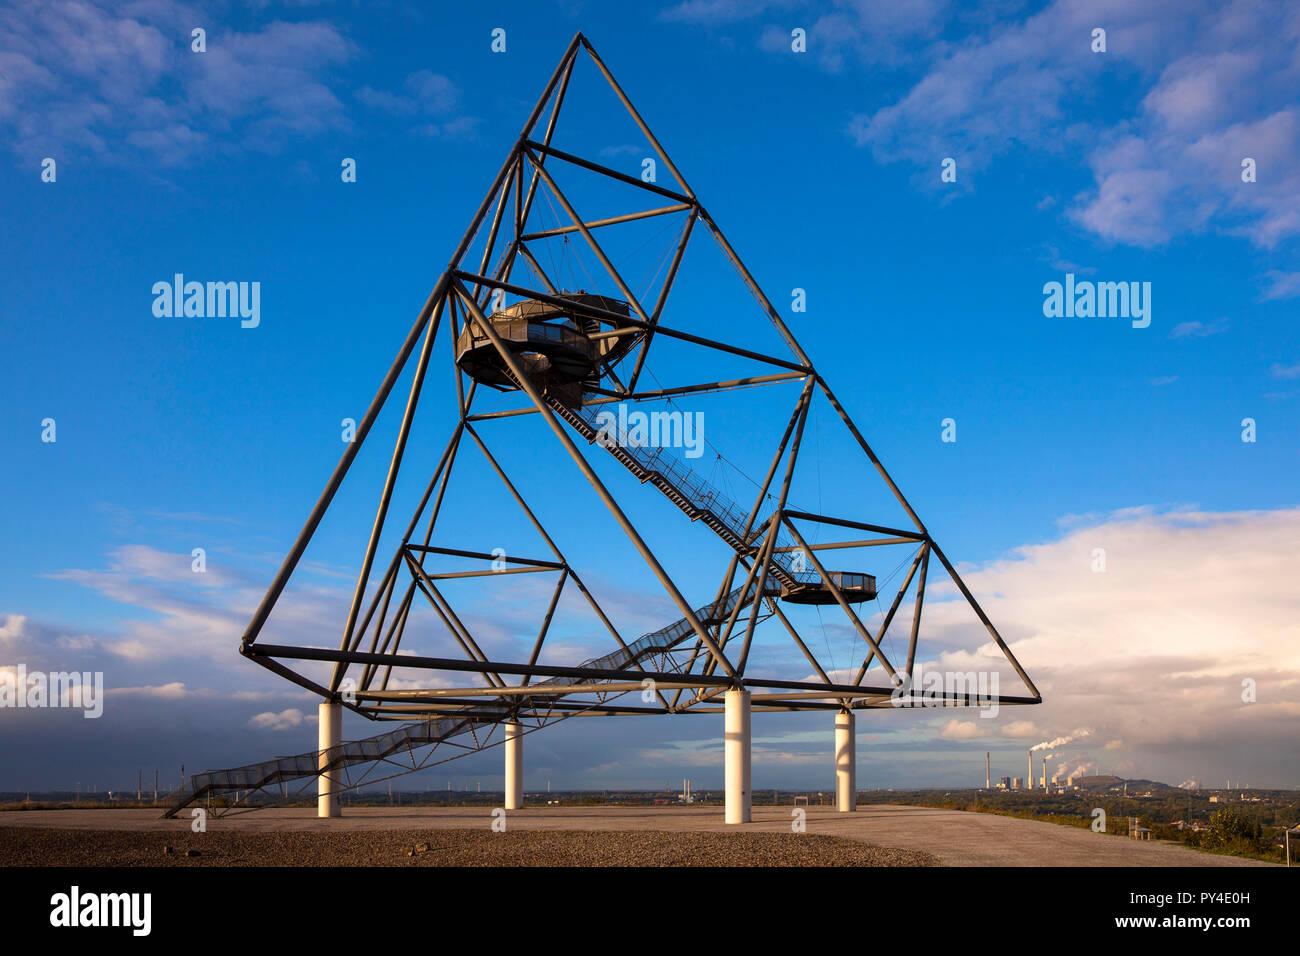 Die begehbare Tetraeder auf dem Heap Emscherblick, 50 Meter hohe Aussichtsplattform, Stahl Pyramide, Bottrop, Deutschland. der begehbare Tetraeder auf der H Stockbild